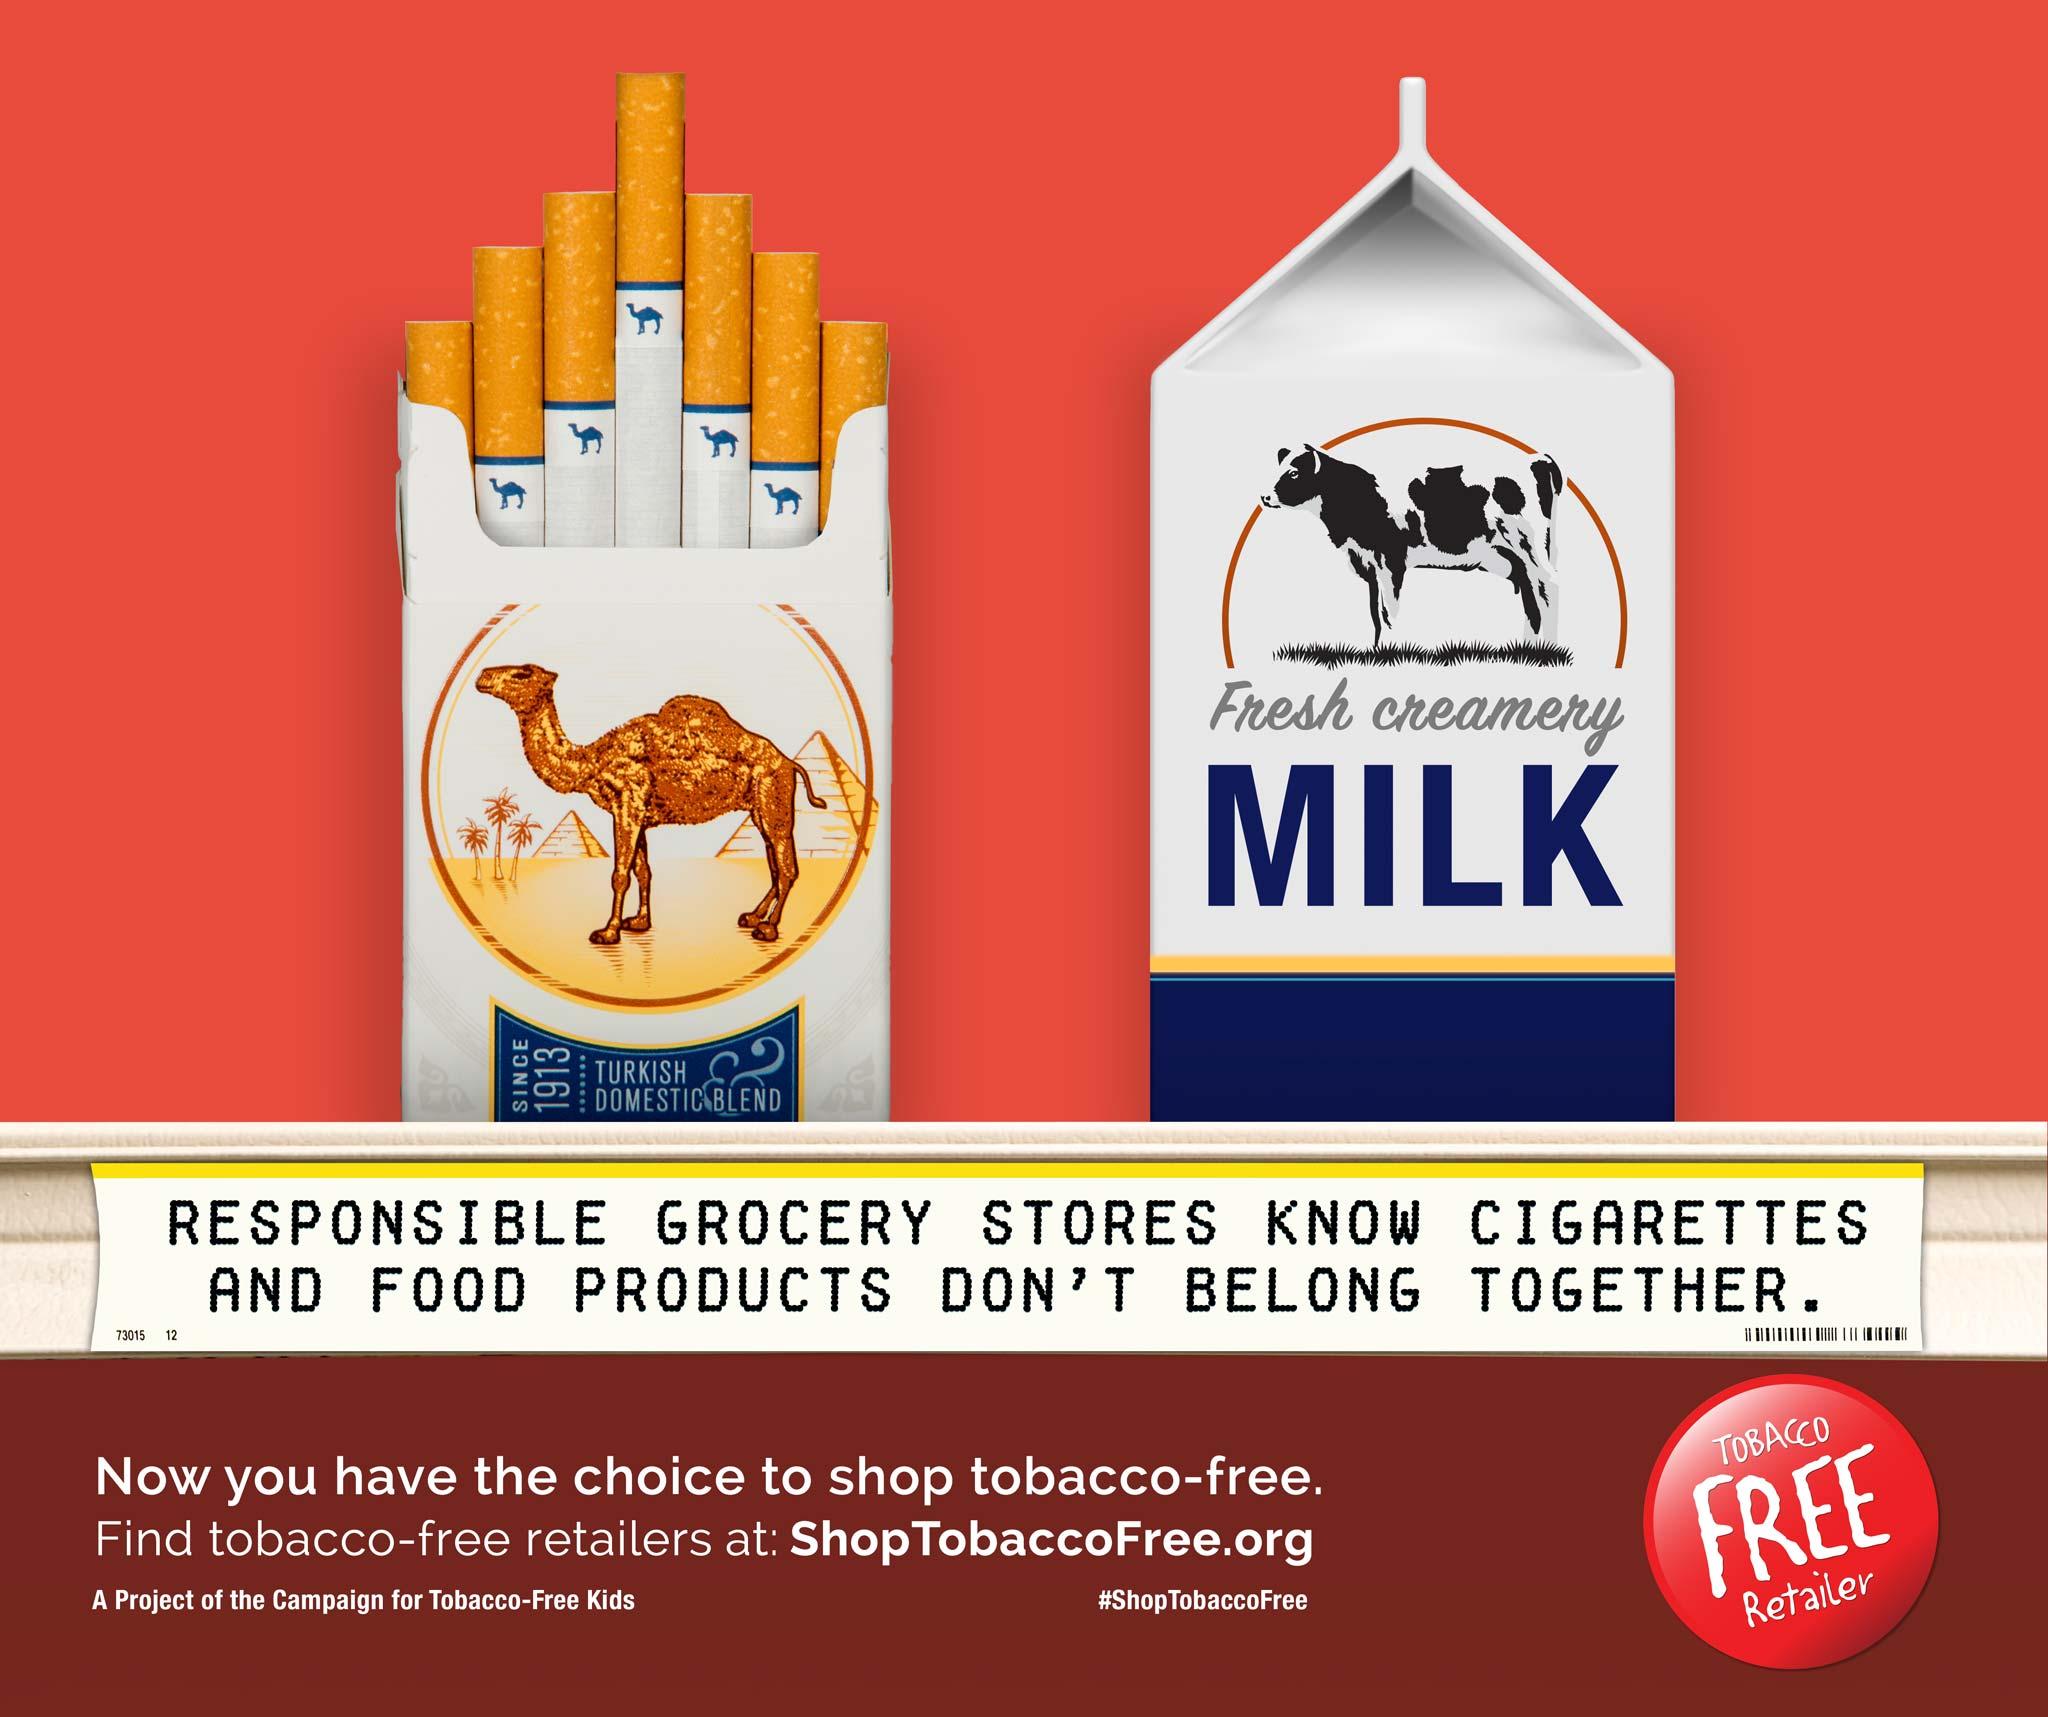 CTFK_TFR_Campaign_Milk